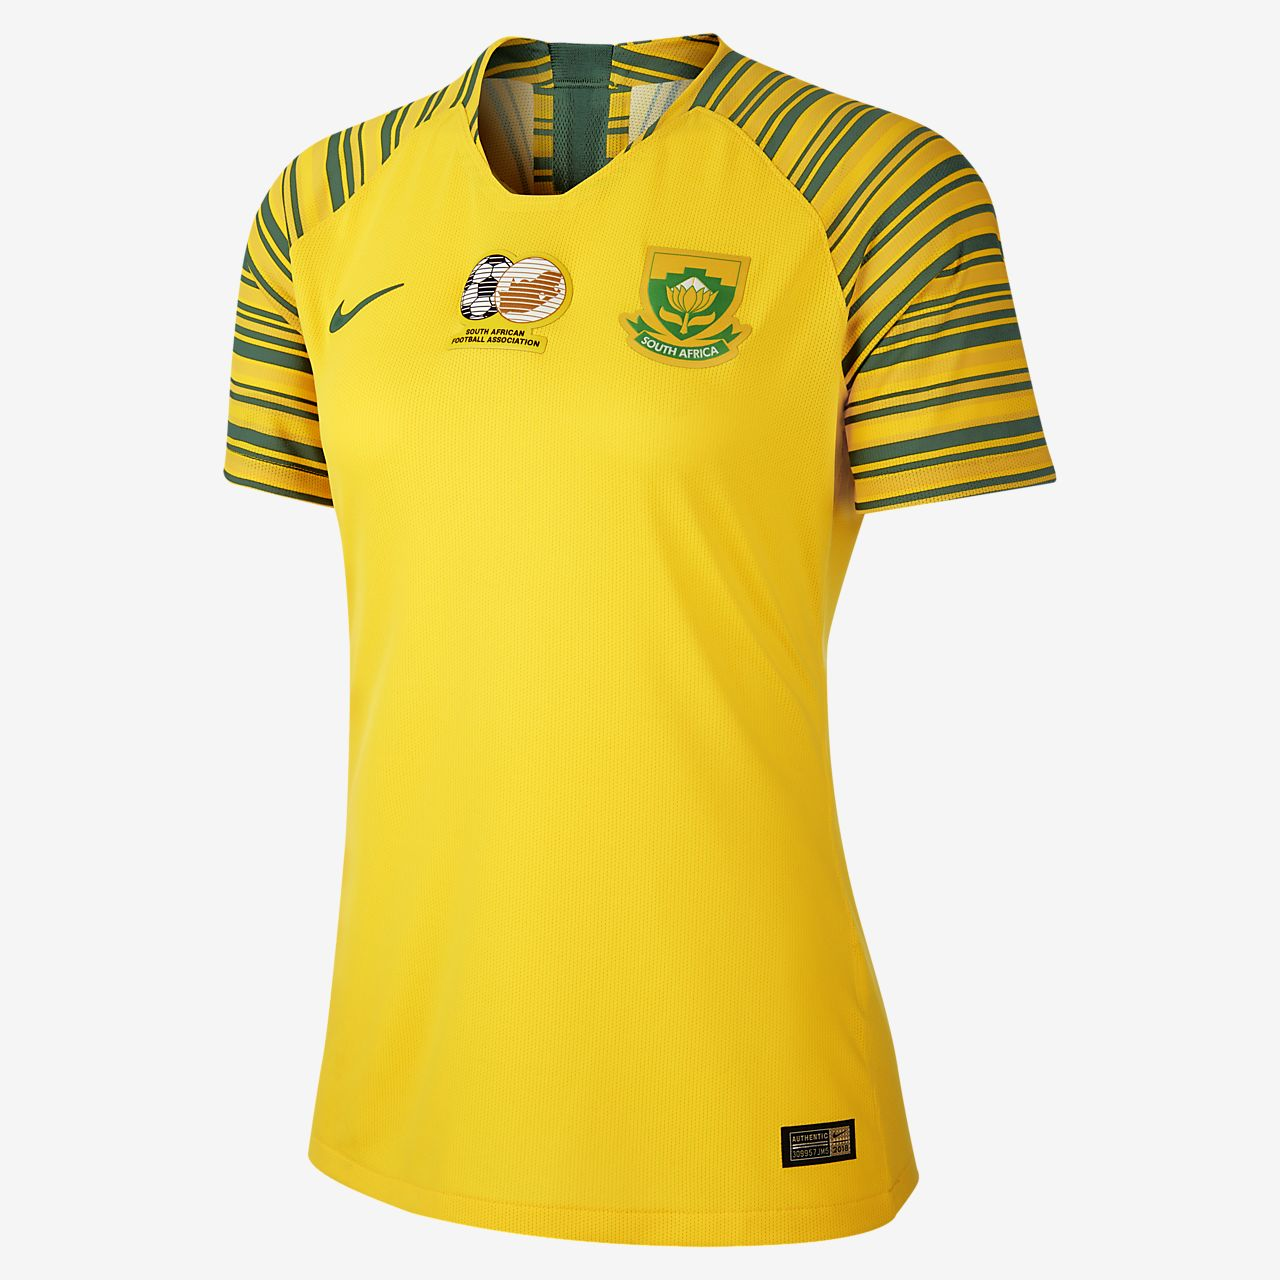 South Africa 2019 Home Women's Football Shirt